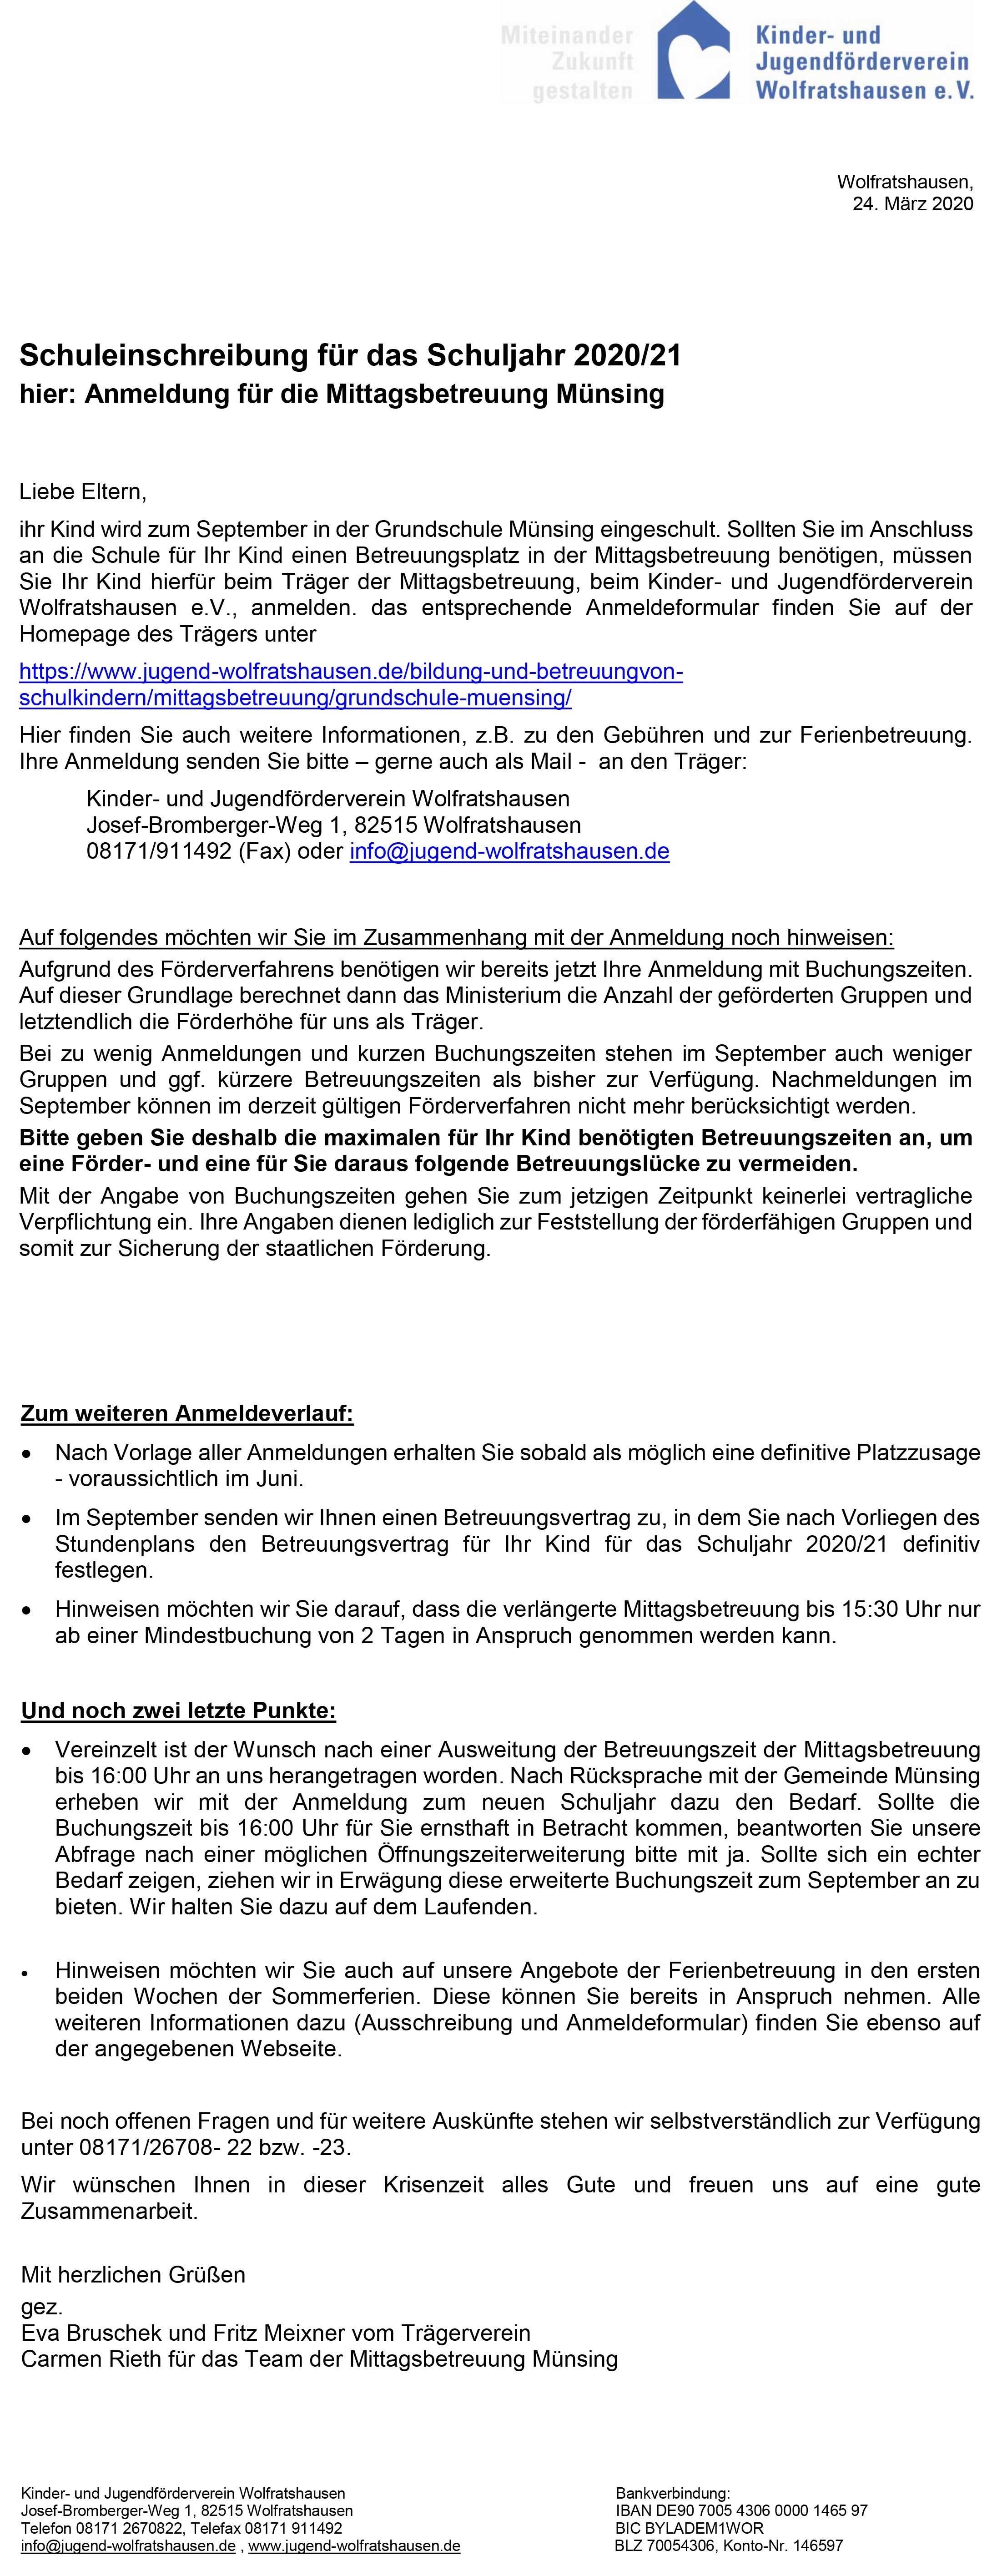 Informationen für die Anmeldung in der Mittagsbetreuung Münsing